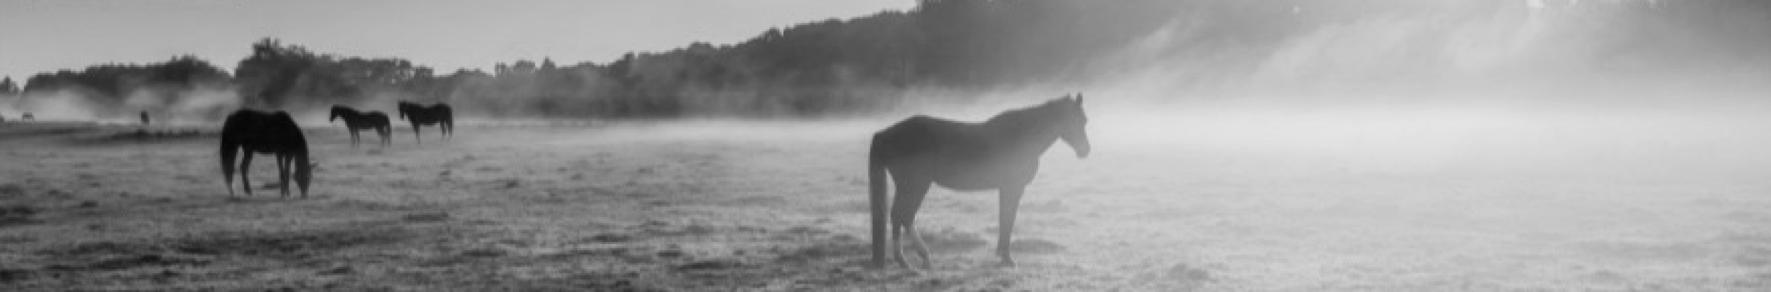 temoignages feedback horsecoaching areion